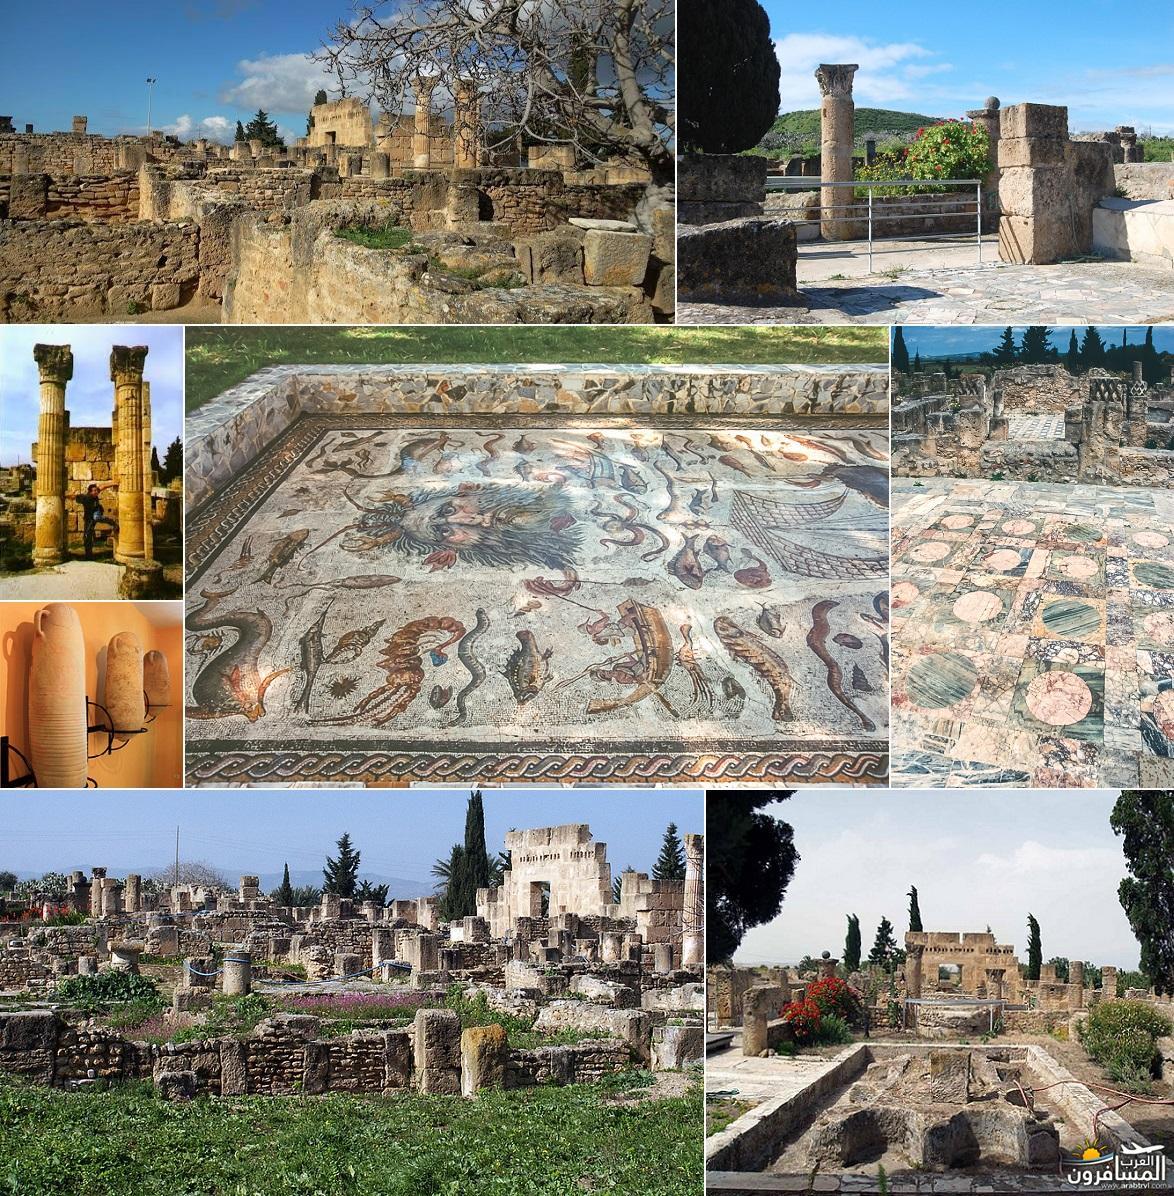 641864 المسافرون العرب خدمات سياحية متطورة في تونس